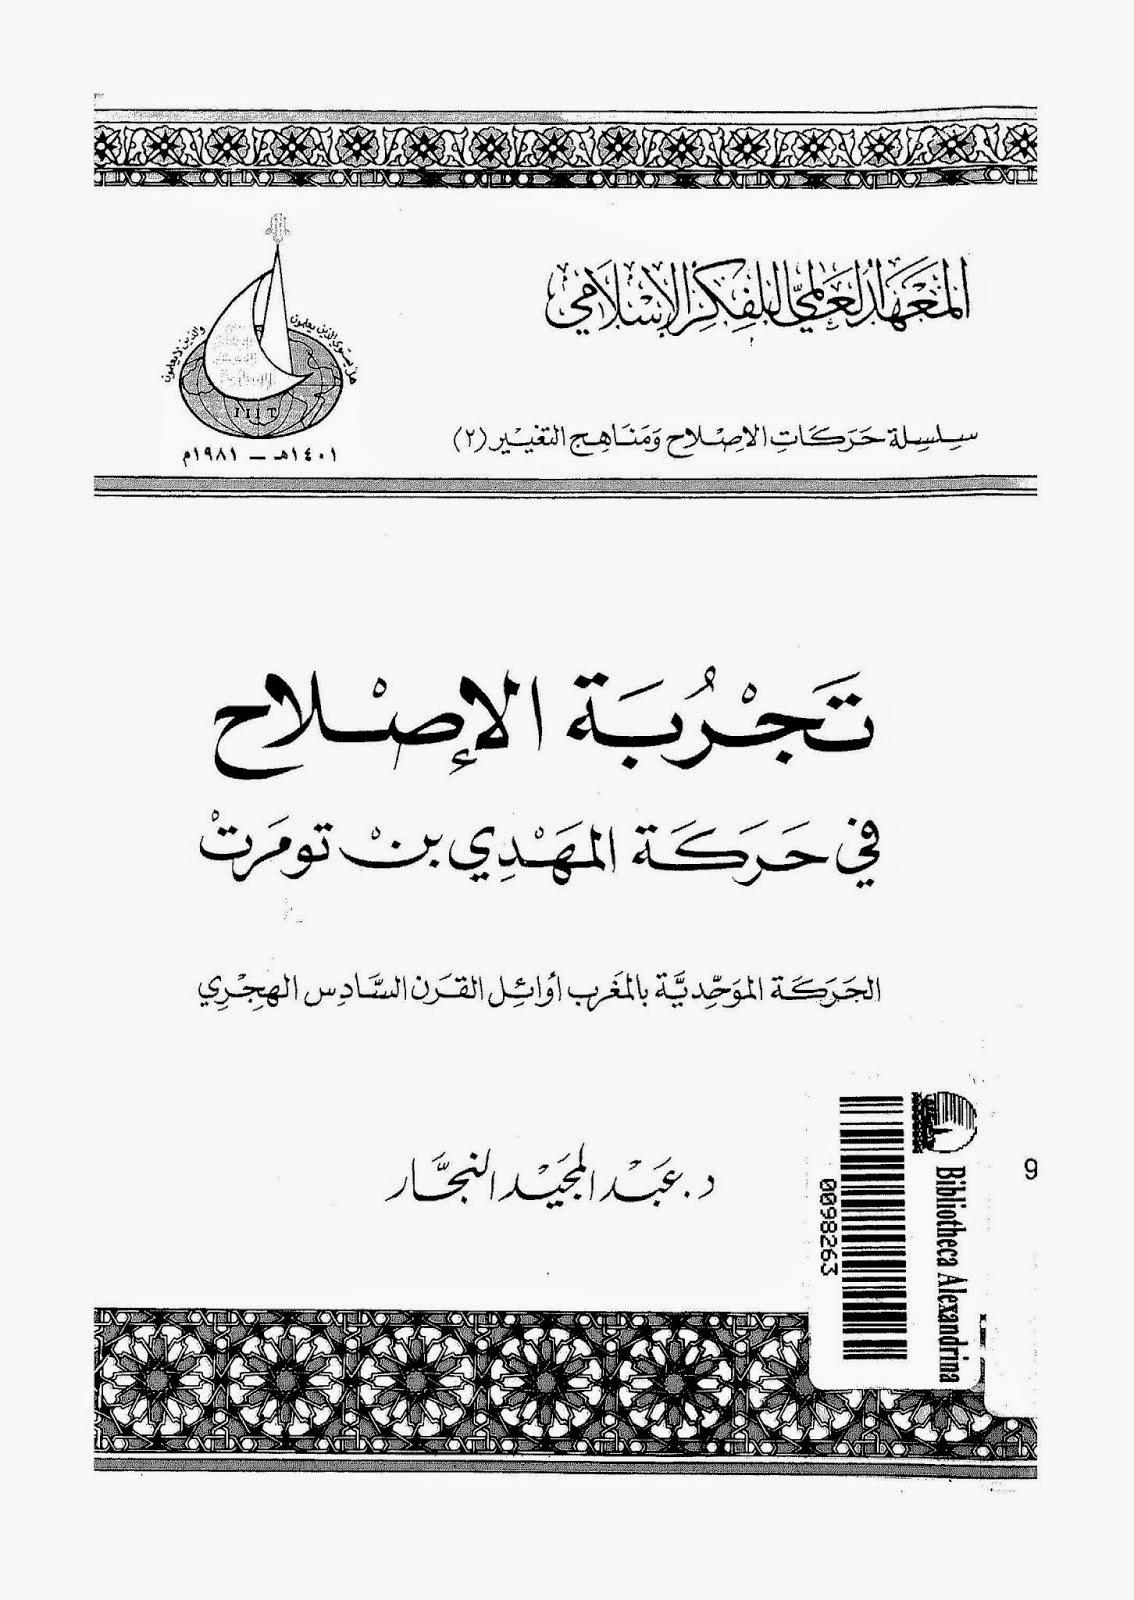 تجربة الإصلاح في حركة المهدي بن تومرت لـ عبد المجيد النجار